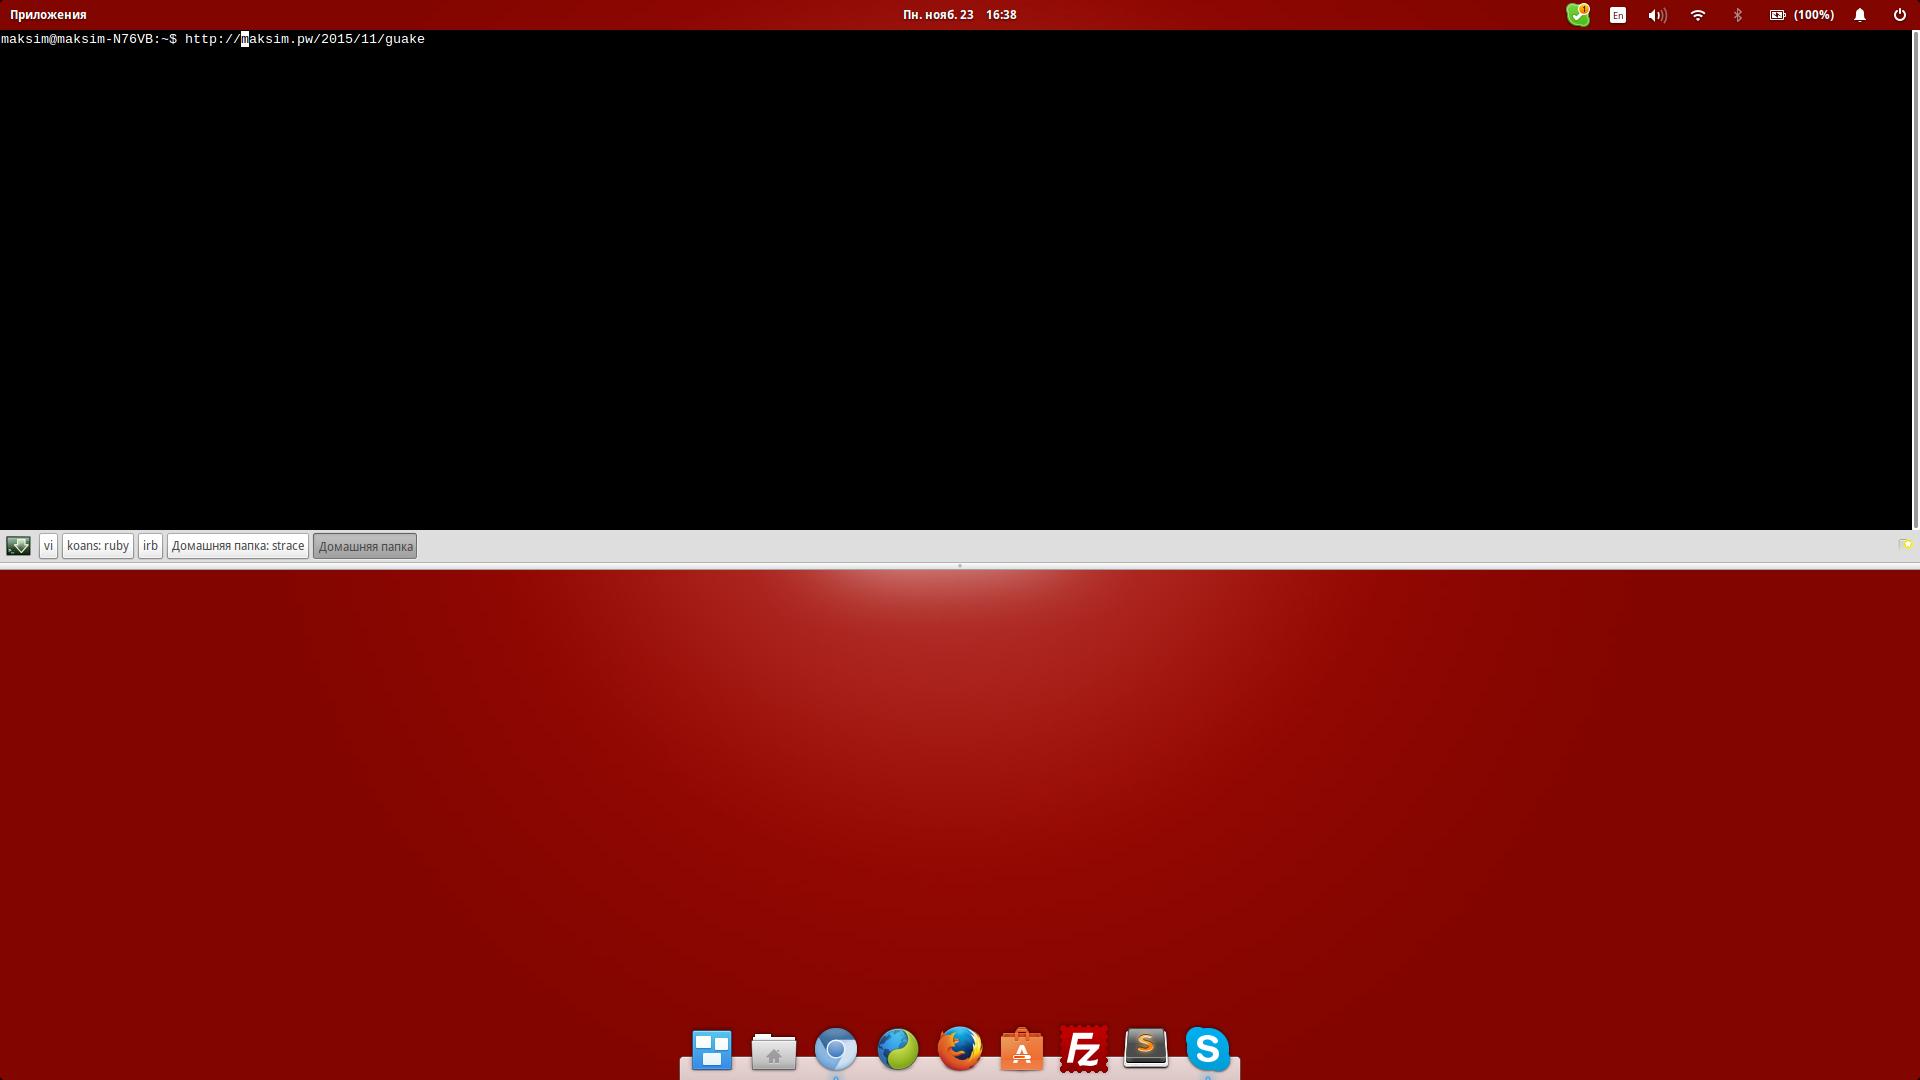 Снимок экрана от 2015-11-23 16:38:43